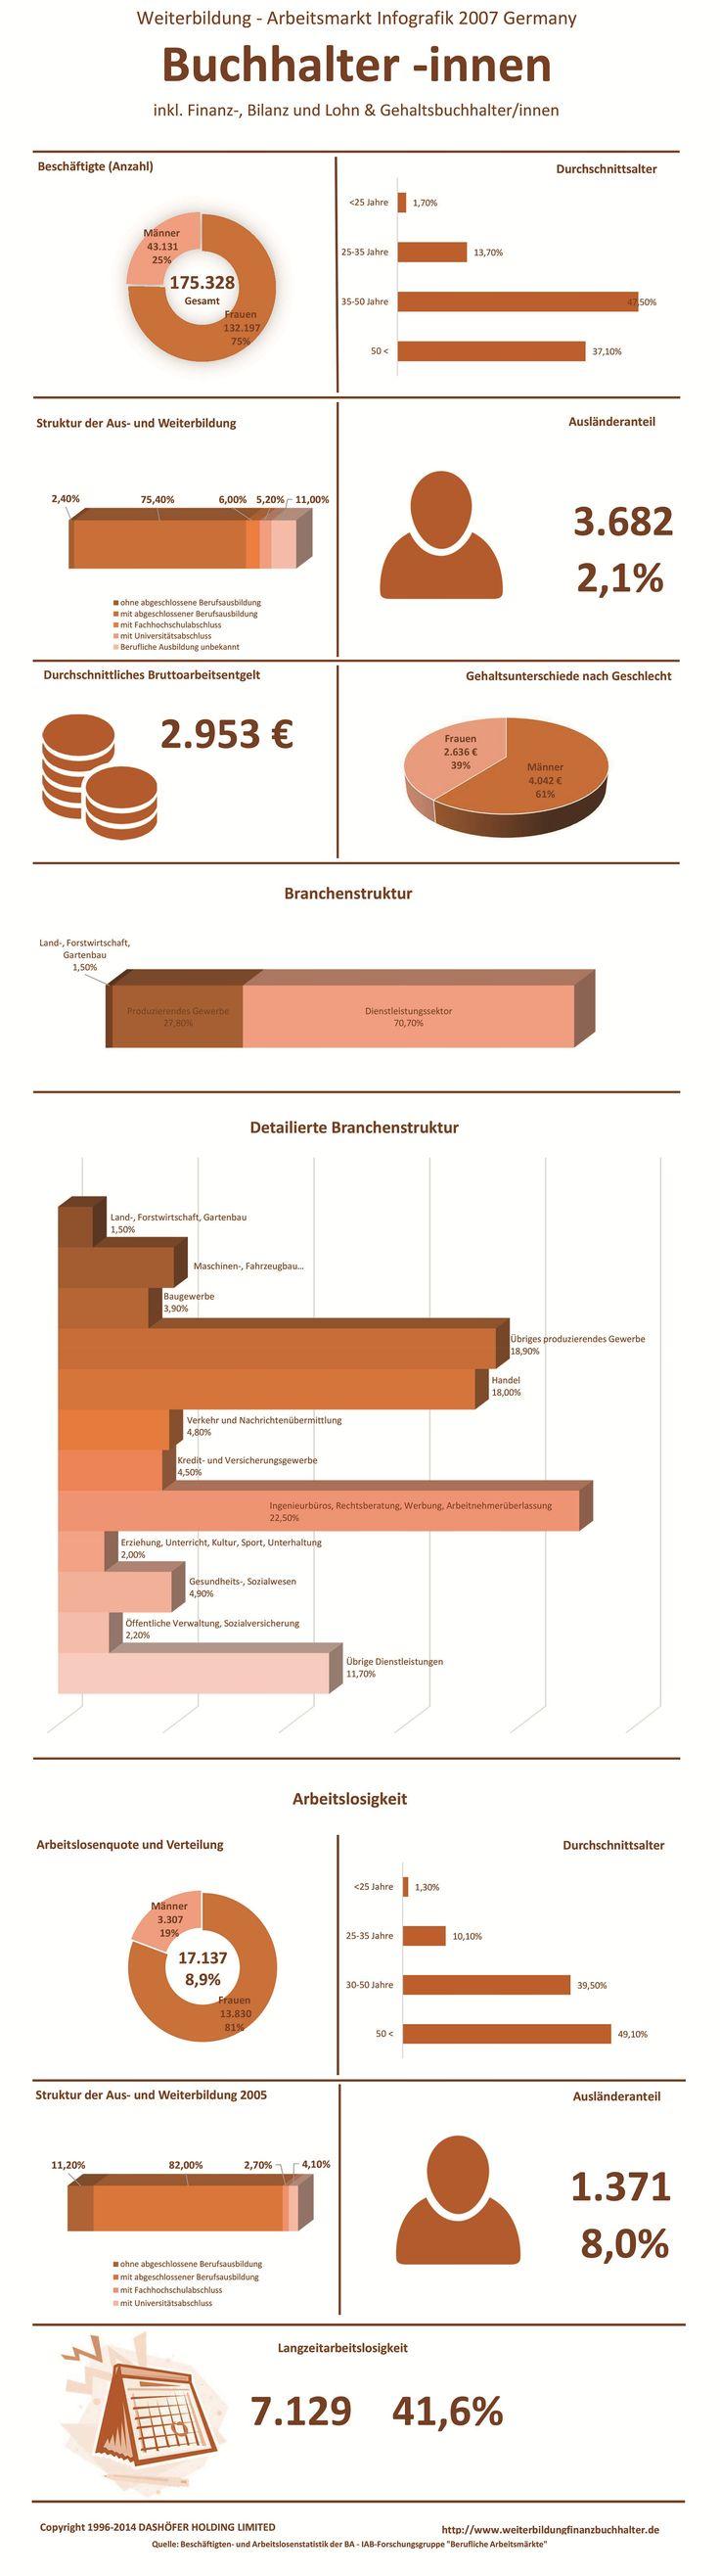 #Weiterbildung #Finanzbuchhalter #Arbeitsmarkt Die Infographik zu Weiterbildung, Gehalt und Arbeitsmarkt der Berufsgruppe Buchhalter inkl. Finanzbuchhalter, Bilanzbuchhalter, Lohn- und Gehaltsbuchhalter in Deutschland, 2007. Hier finden sie alle notwendigen Daten zum Berufsbild eines Finanzbuchhalters, Buchhalters etc. inklusive der Branchen, in denen  Finanzbuchhalter eingesetzt werden, der Auslaenderanteil und die Arbeitslosenquote. Die Daten sind auf dem Stand des Jahres 2007.